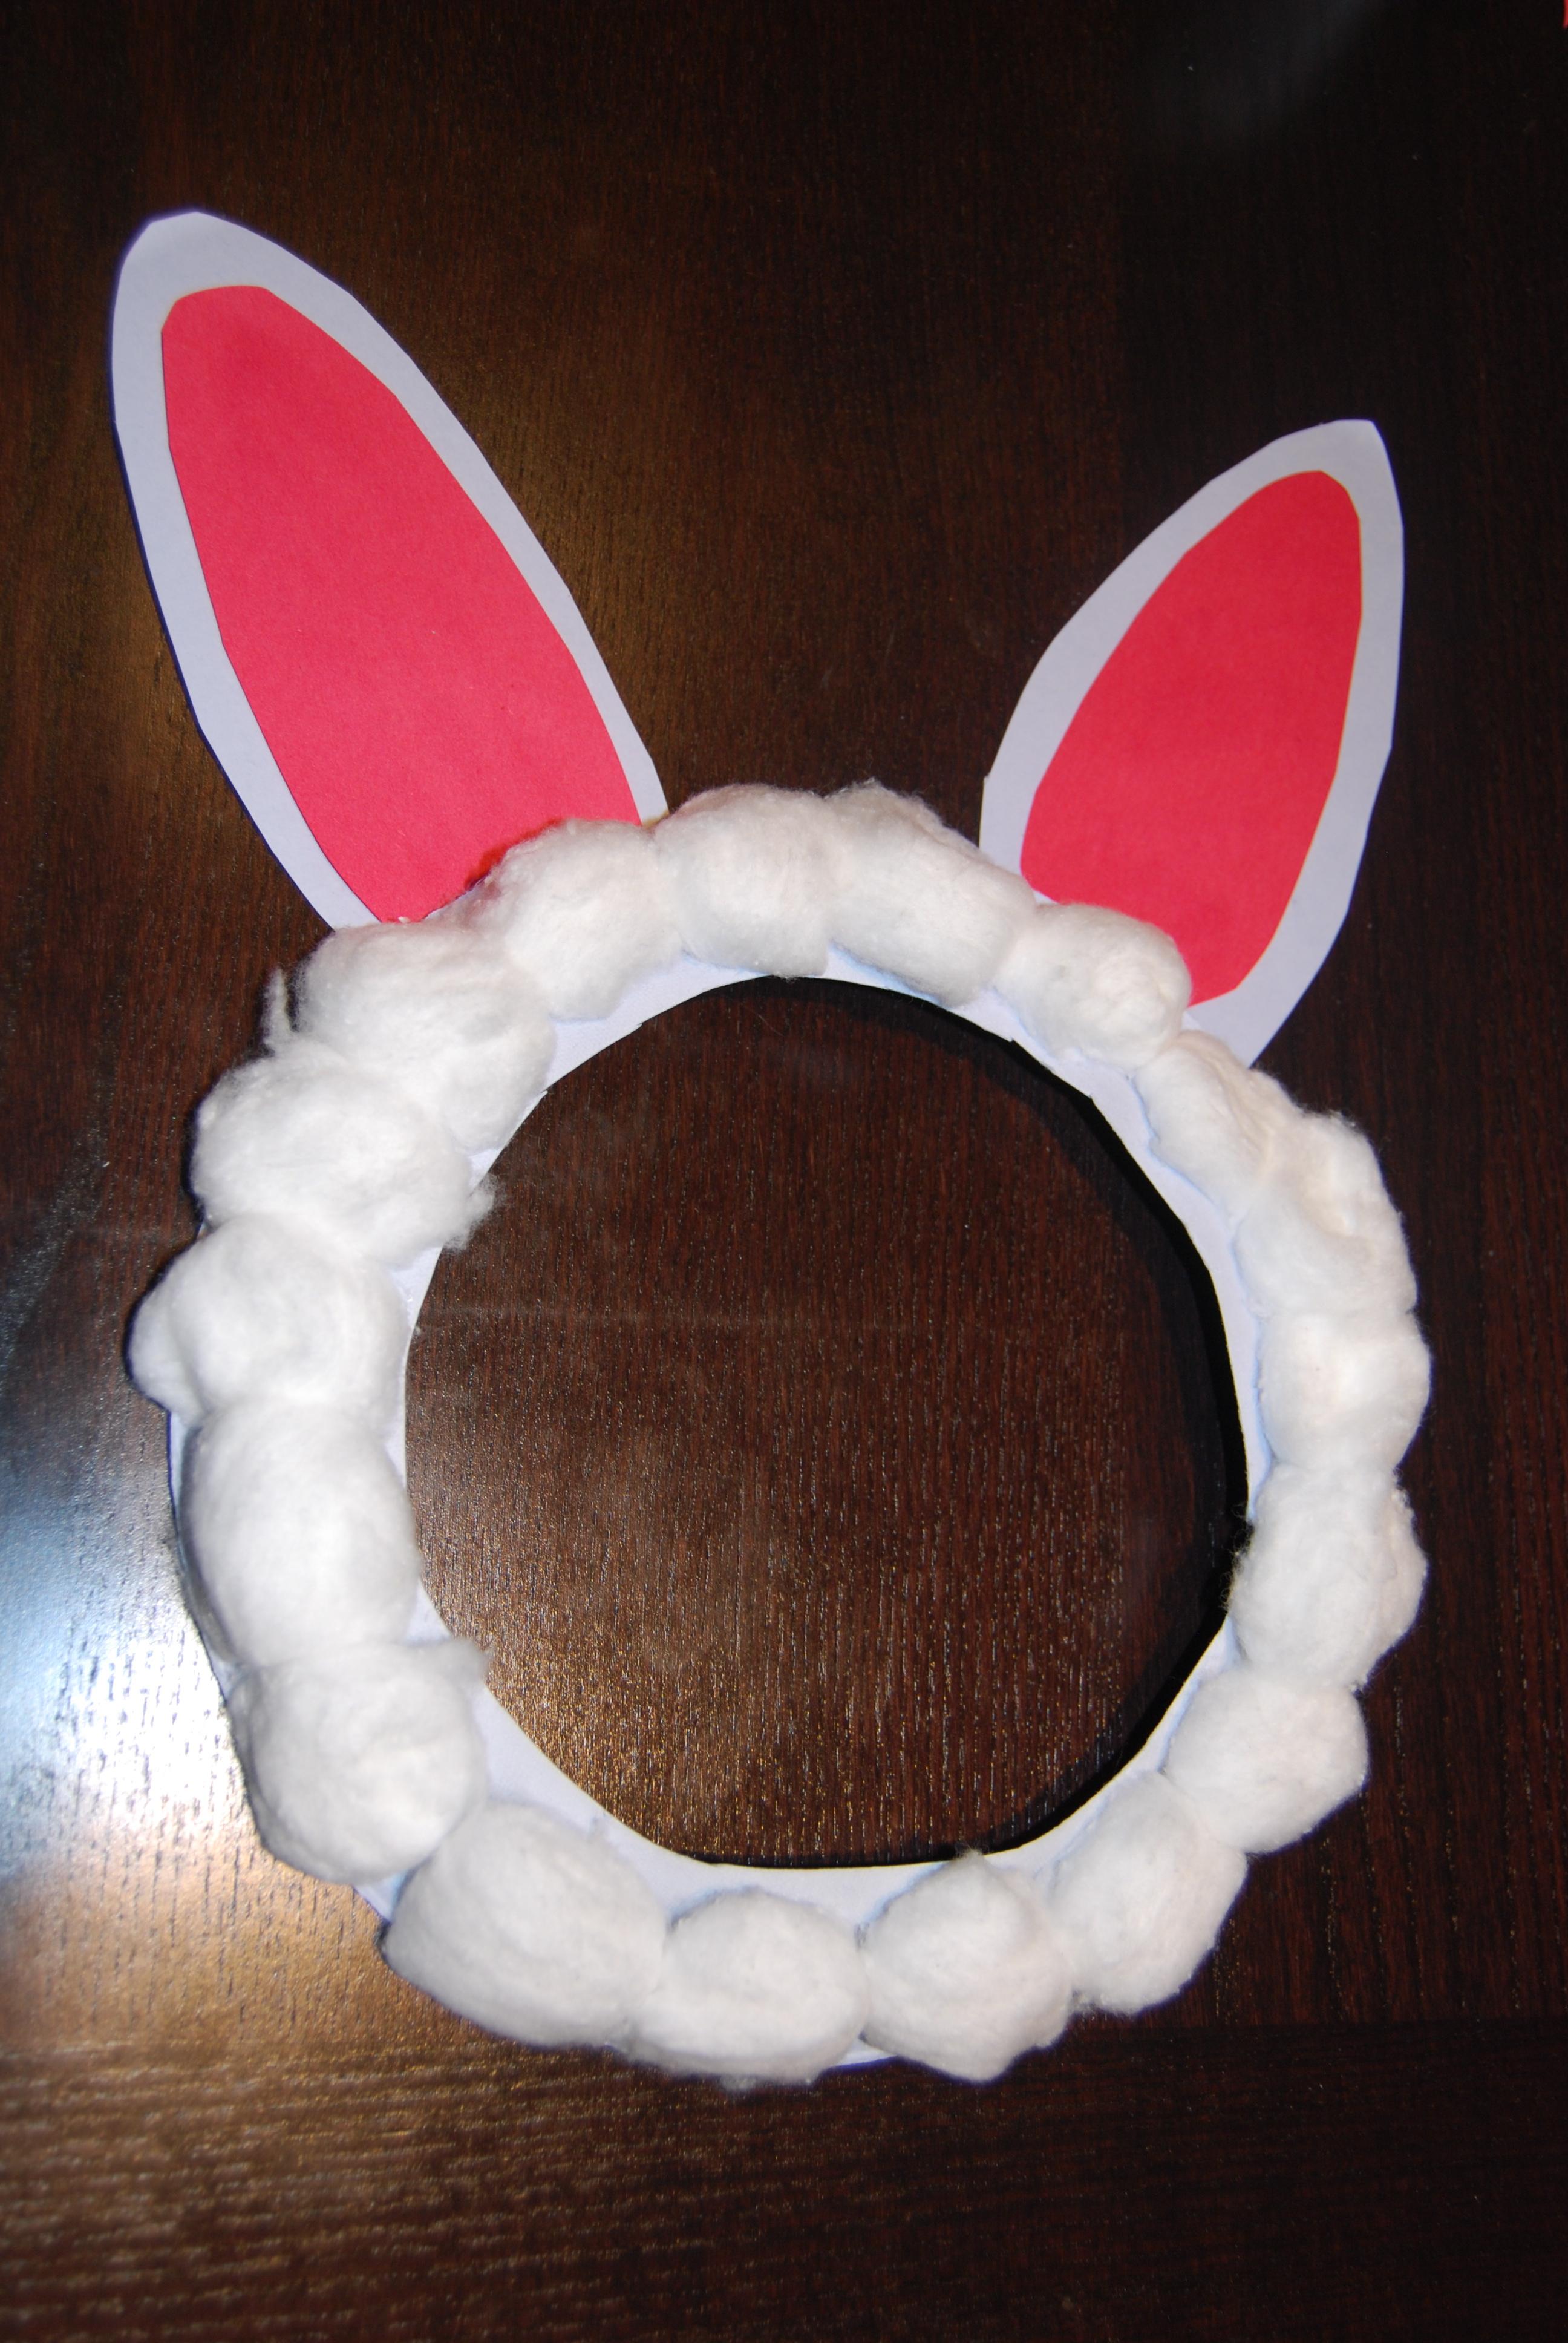 Voila! Bunny ears are ready.